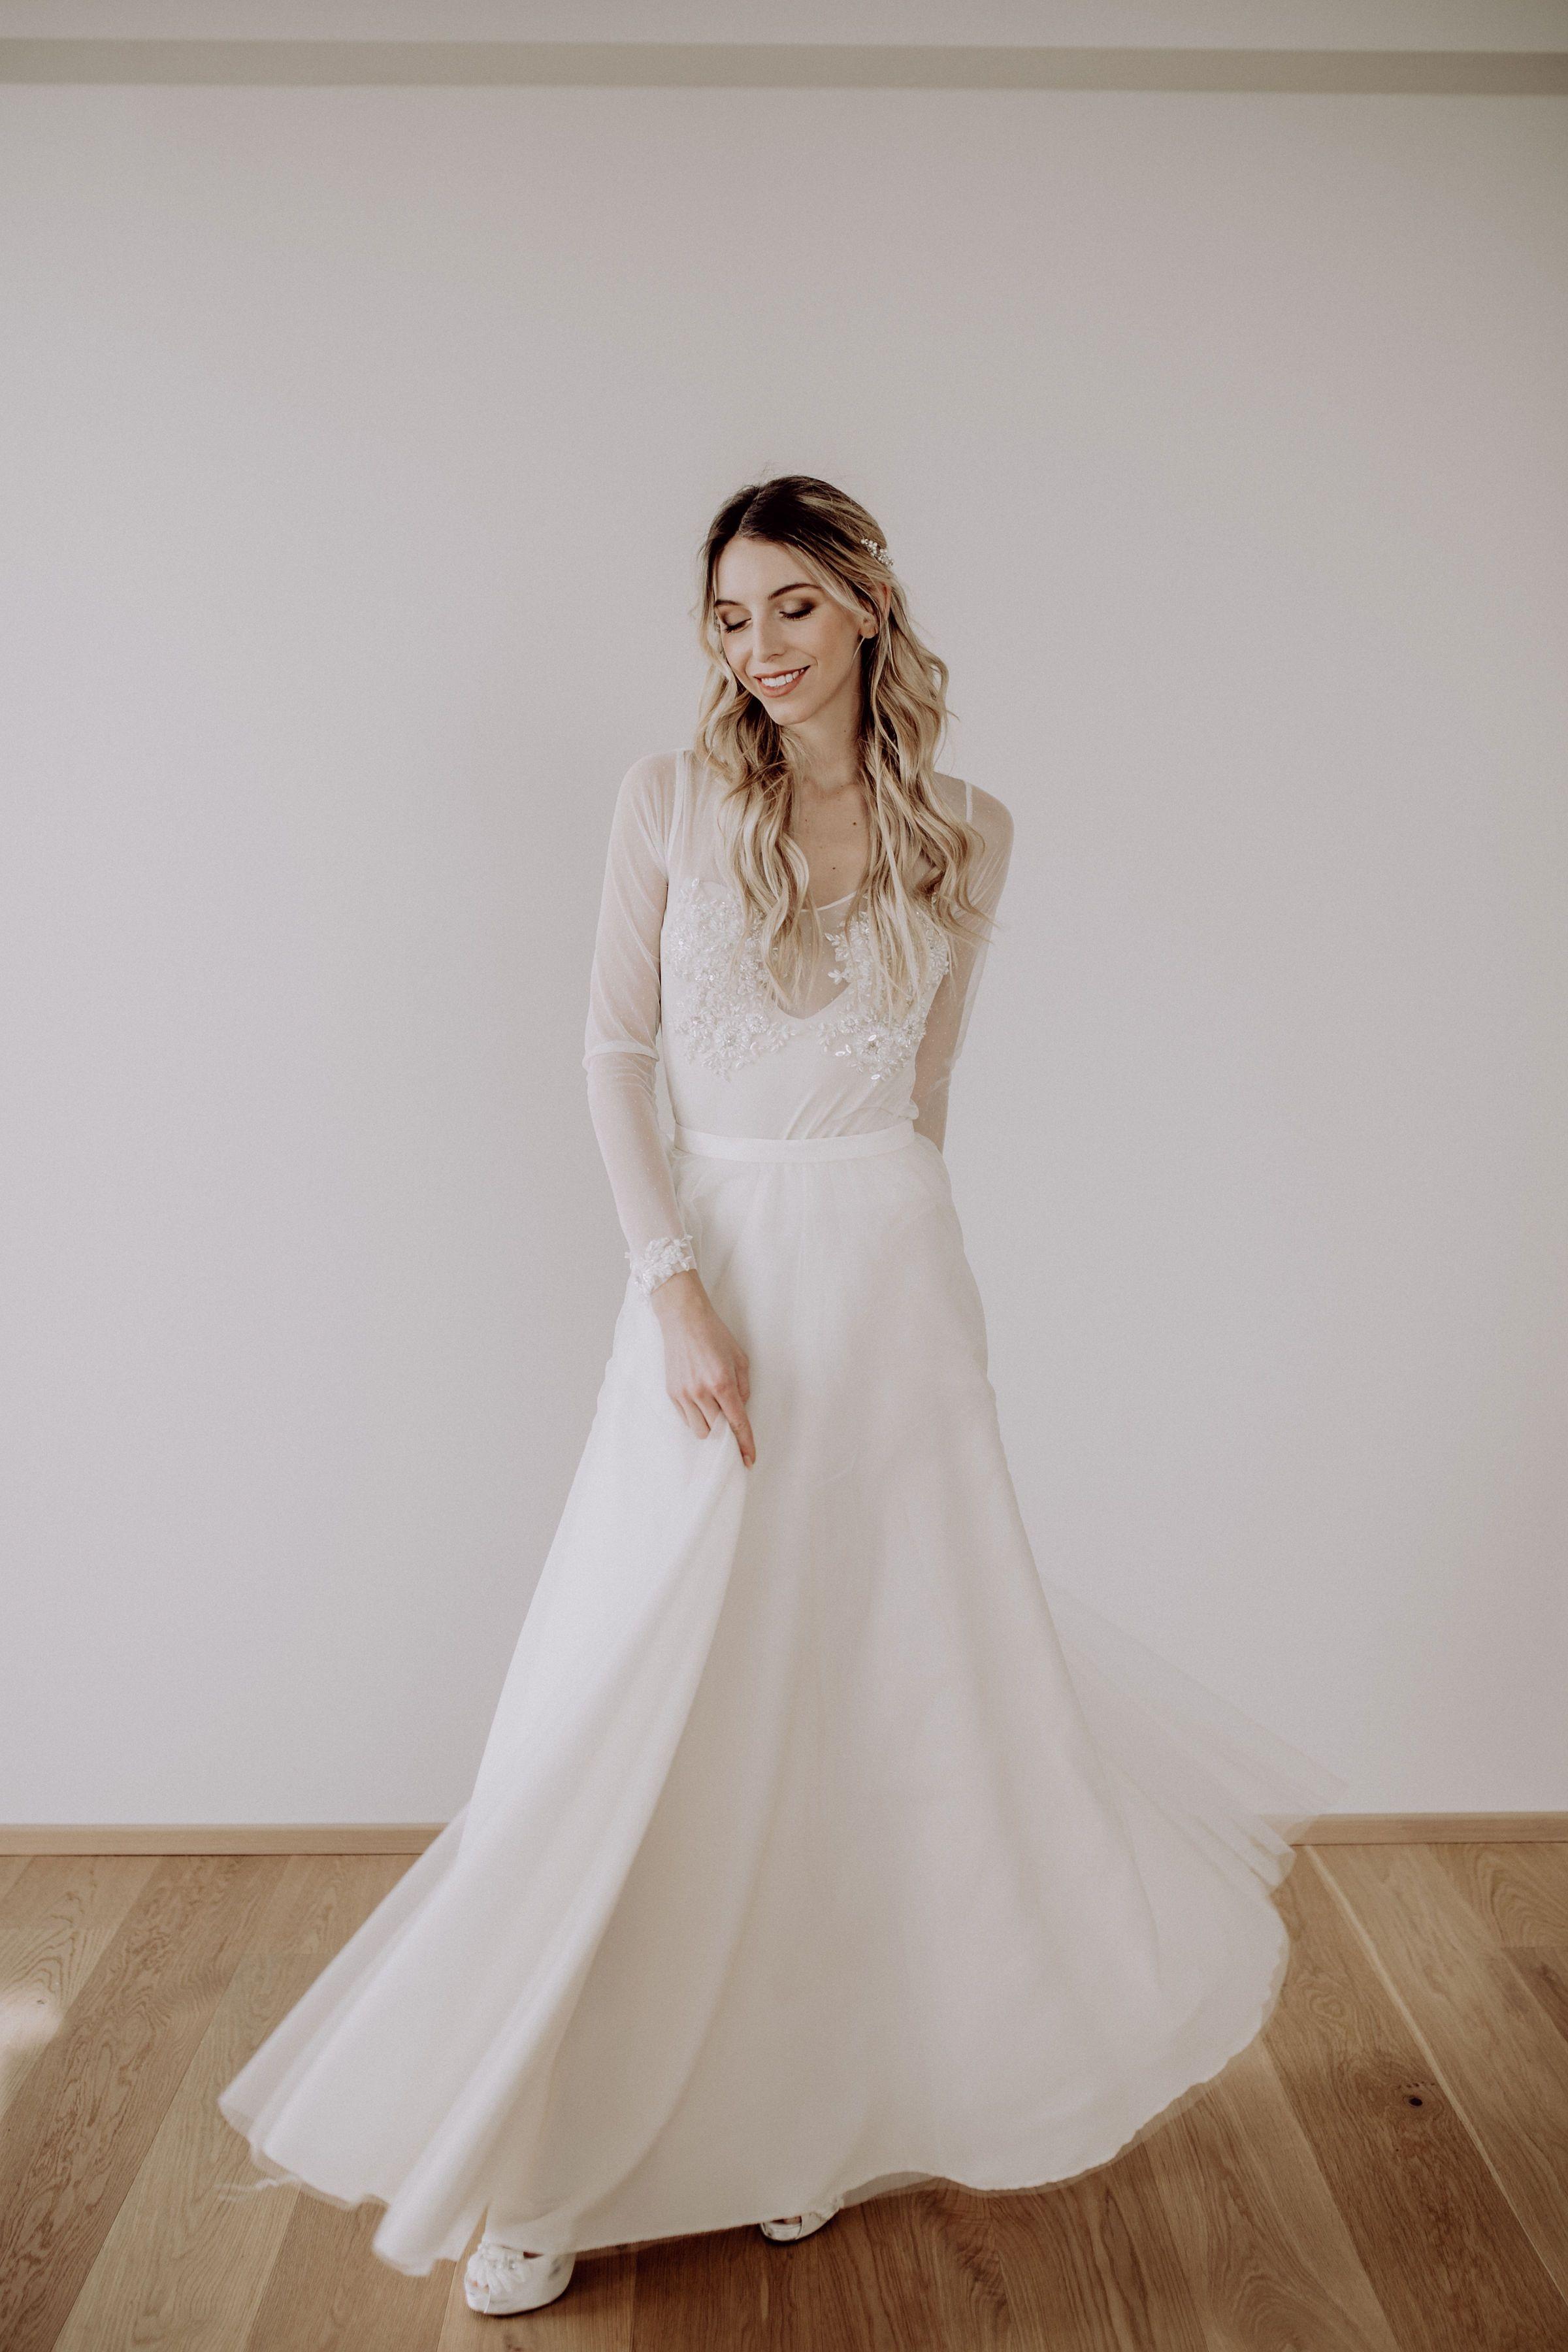 15-teiliges Brautkleid, Body mit perlenbestickter Spitze